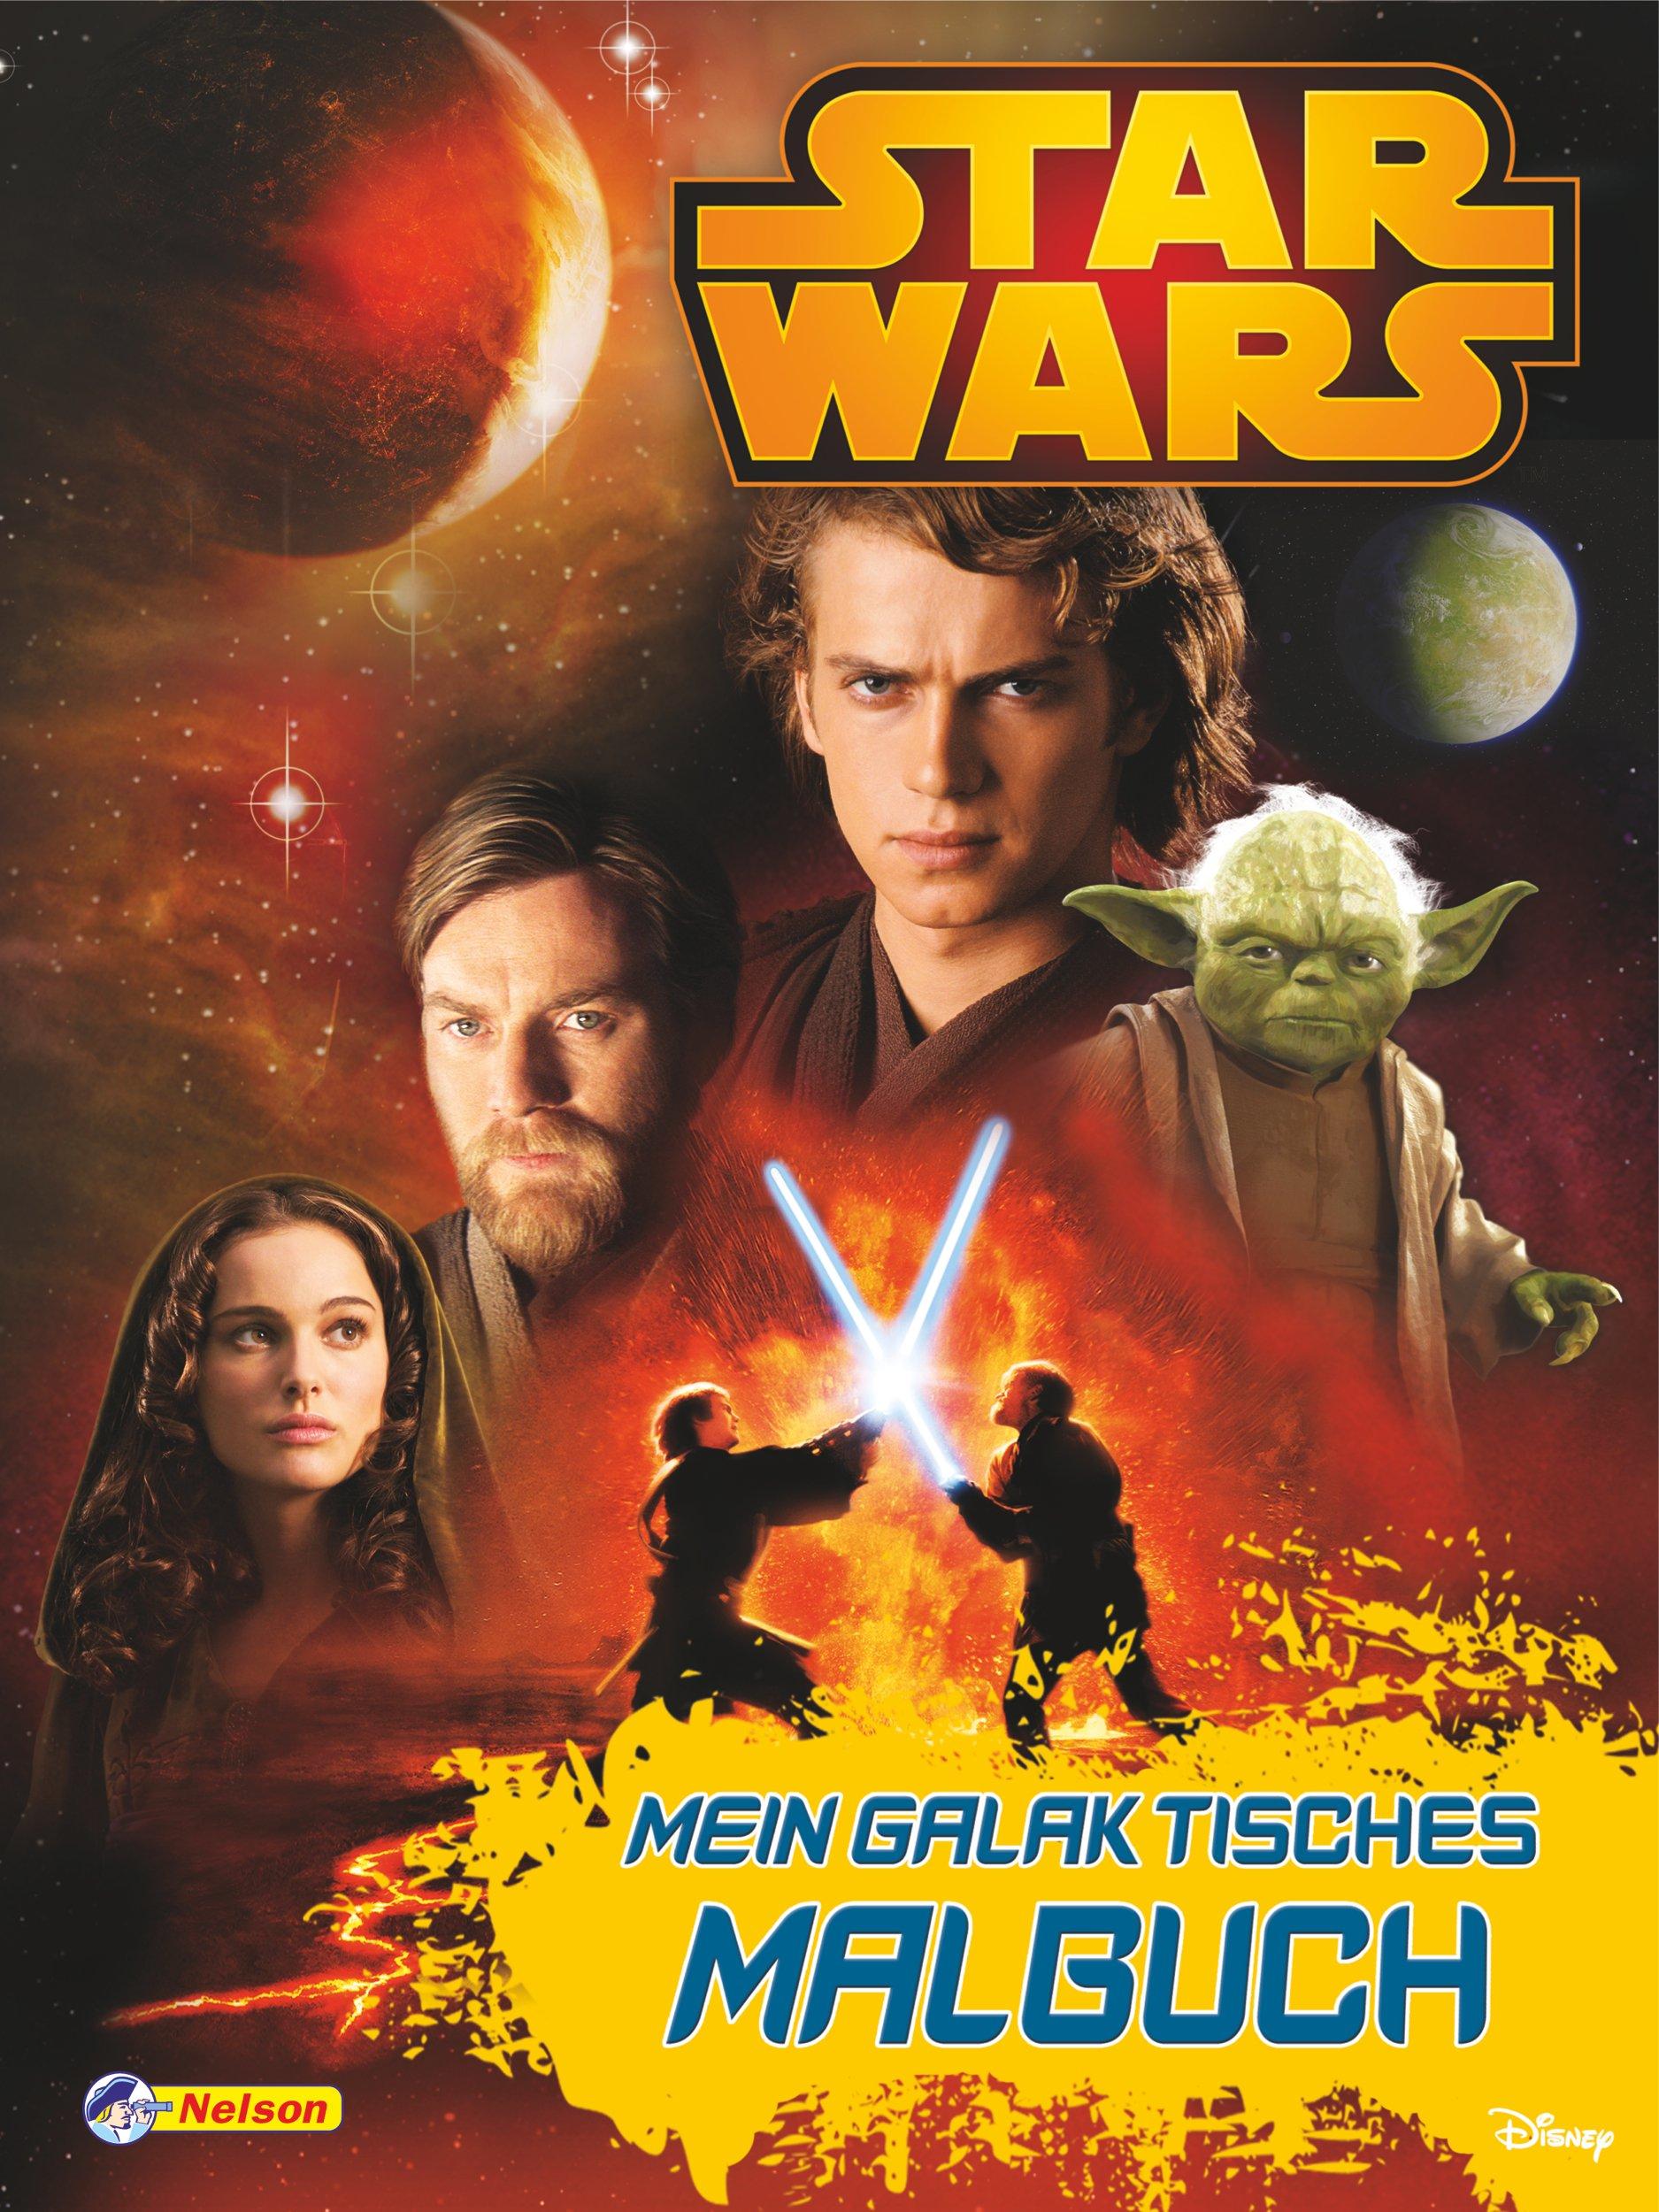 Star Wars-Wochenvorschau KW 09/2015 (23.02. – 01.03.) – Jedi-Bibliothek